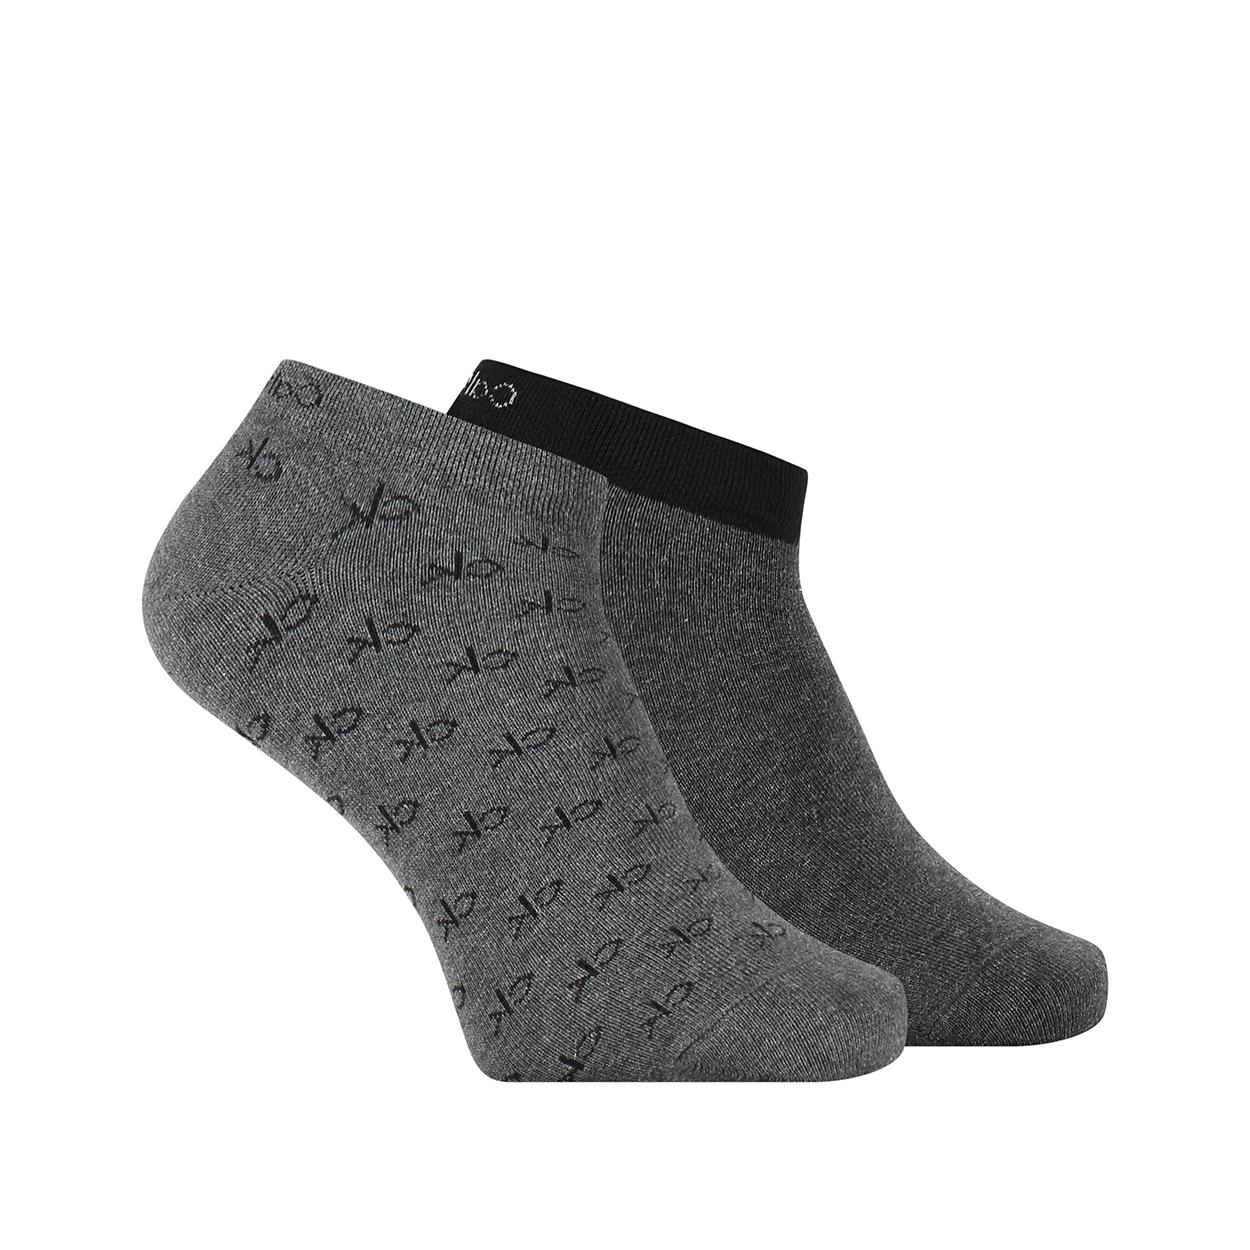 Lot de 2 paires de chaussettes basses calvin klein en coton mélangé stretch gris anthracite et gris chiné imprimé